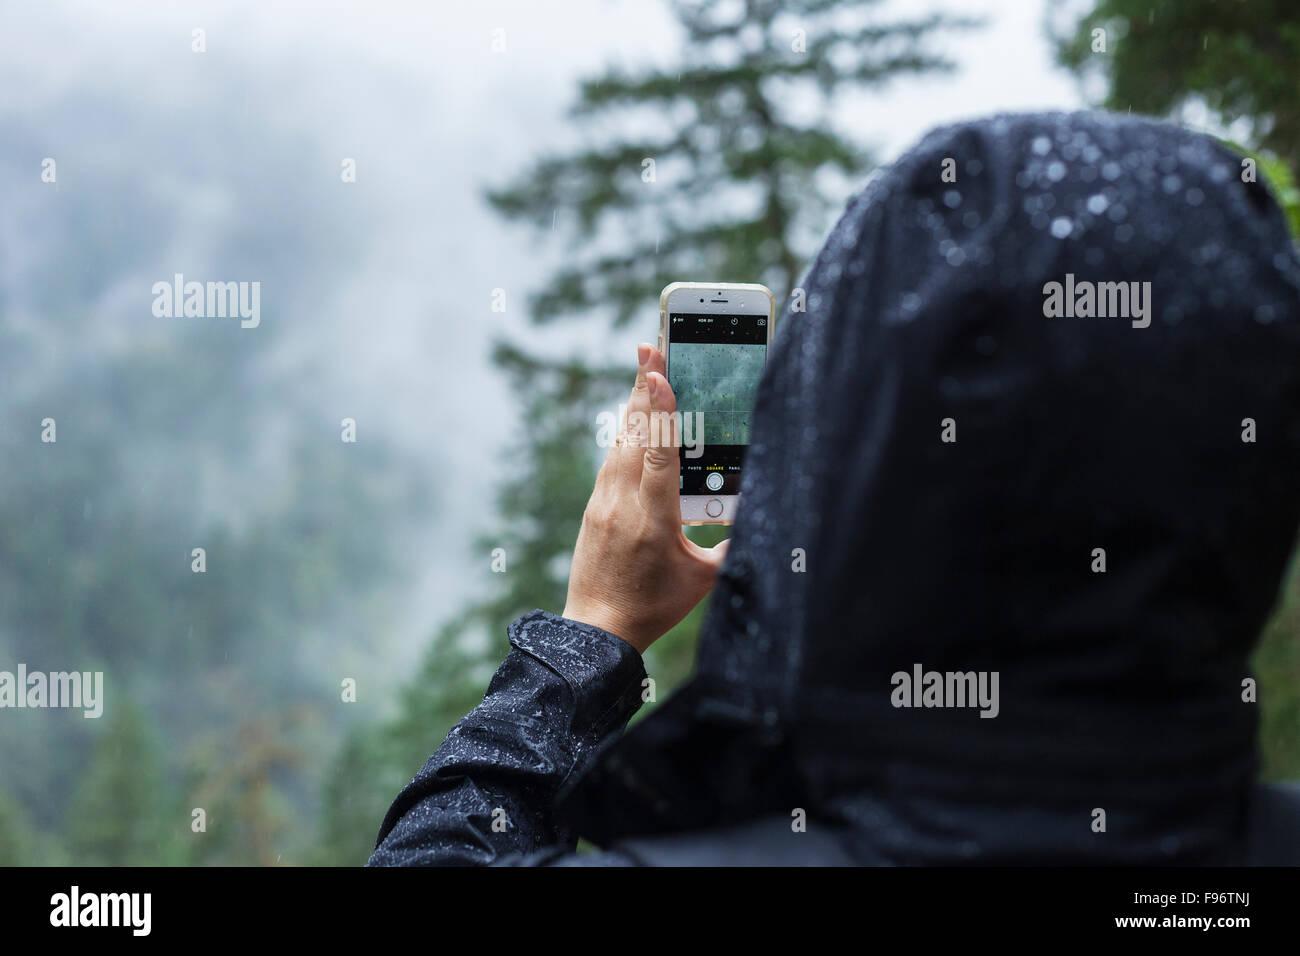 Fotografia de mulher na chuva, BC, Canadá Imagens de Stock